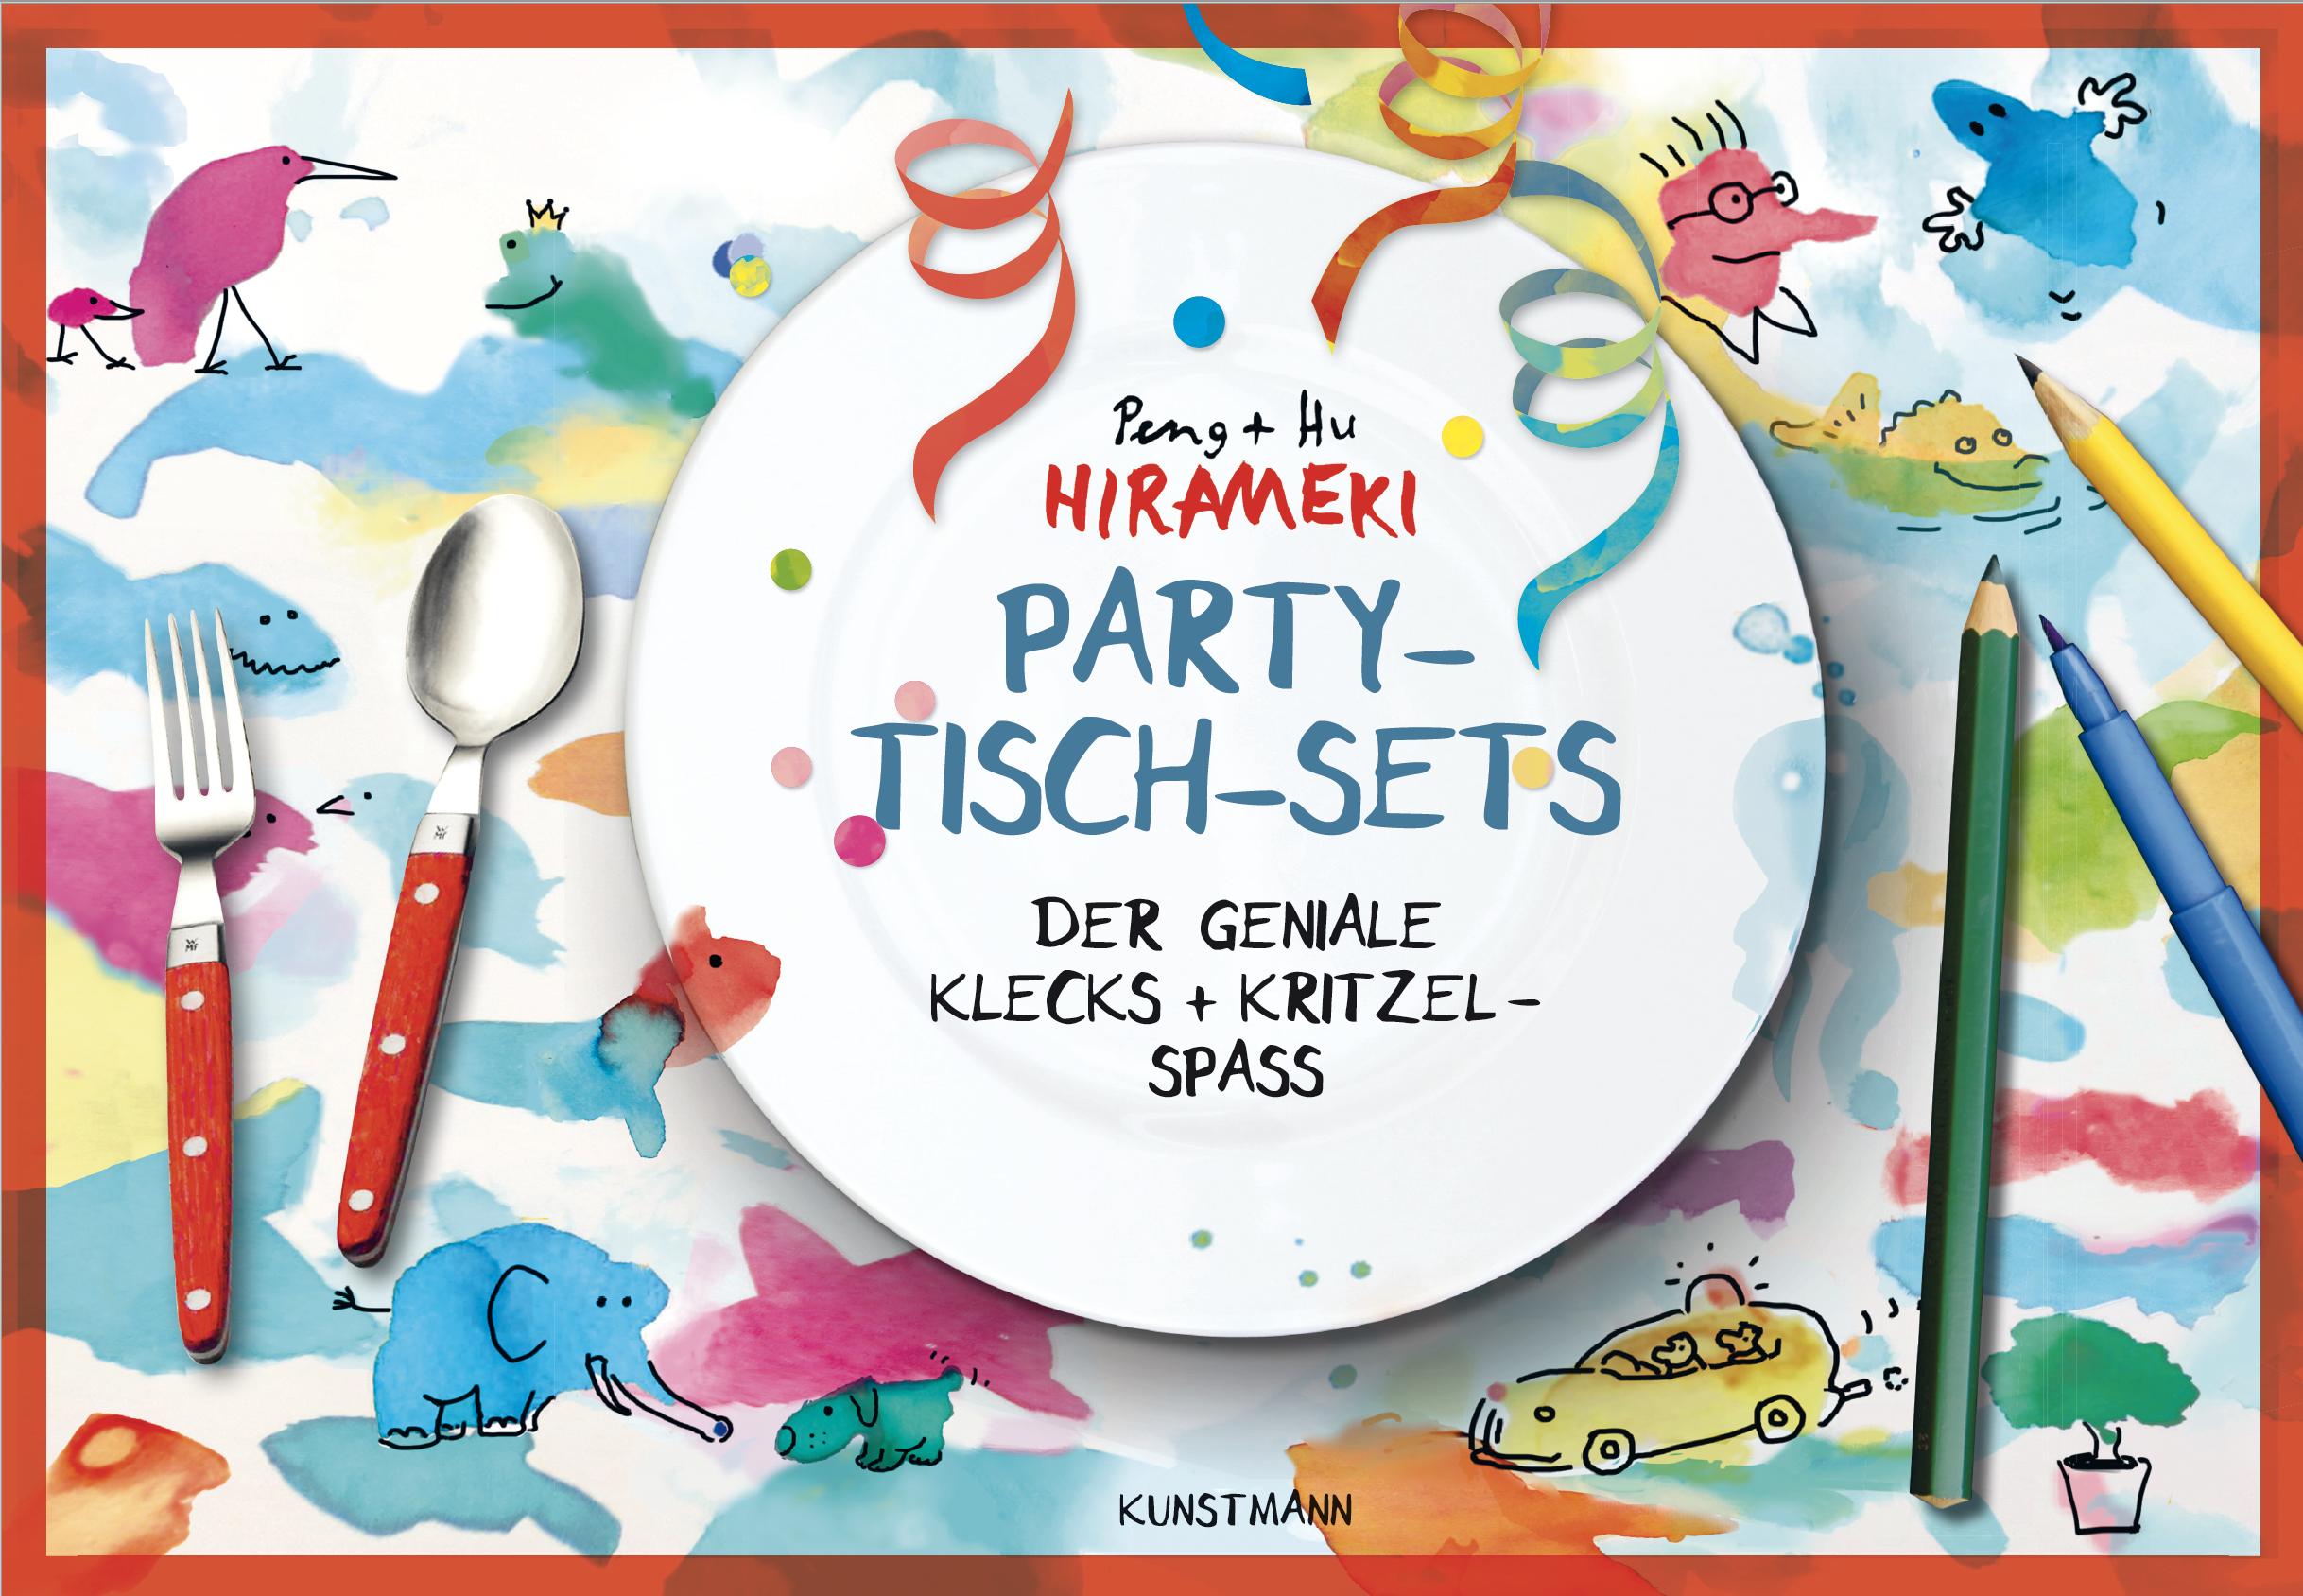 Buecher-Rudi-Hurzlmeier - Bildschirmfoto-2017-11-28-um-16.00.25.png